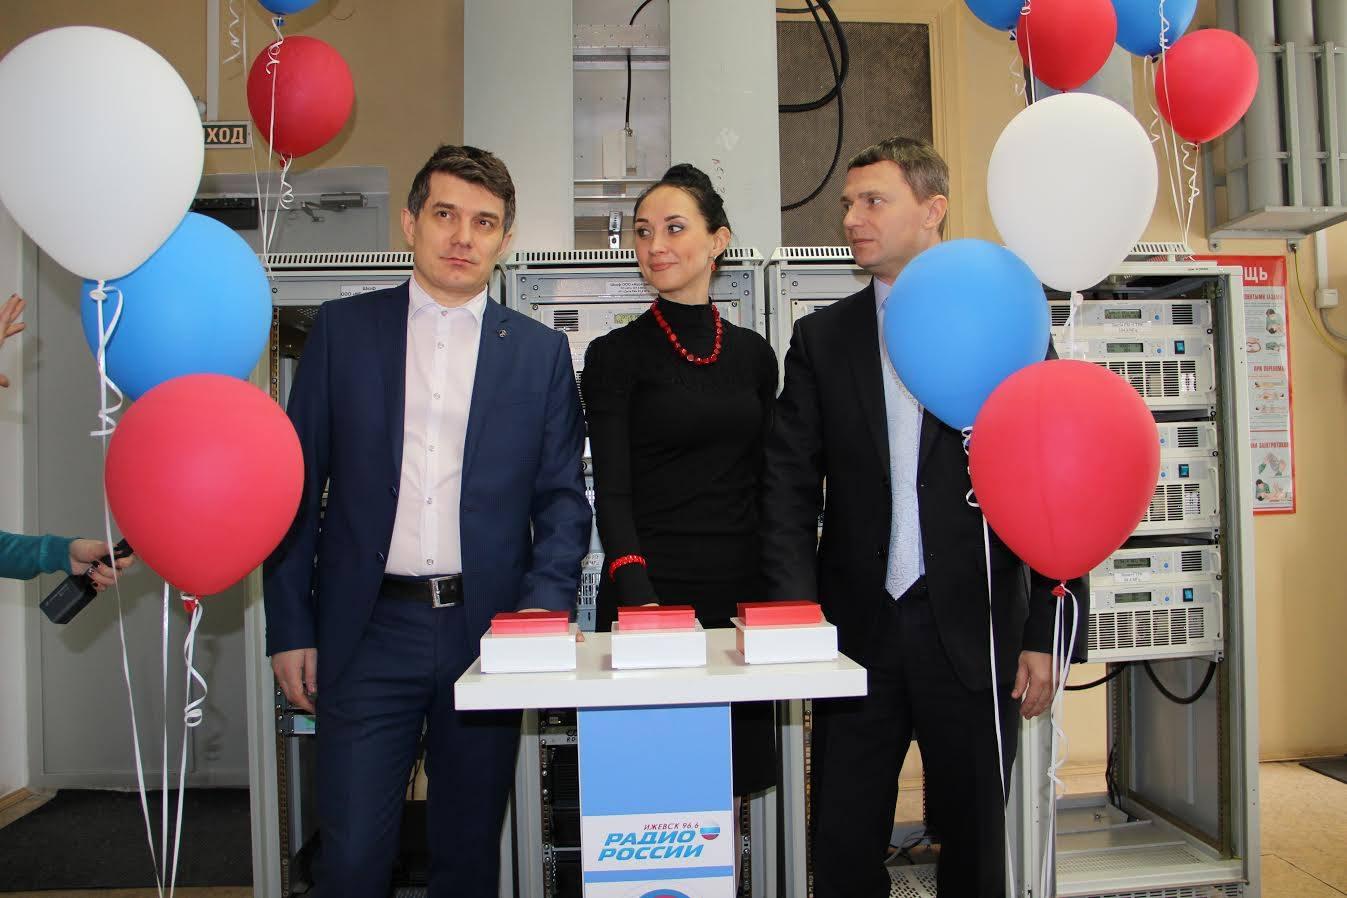 Фото: facebook.com (Владимир Кулёмин)